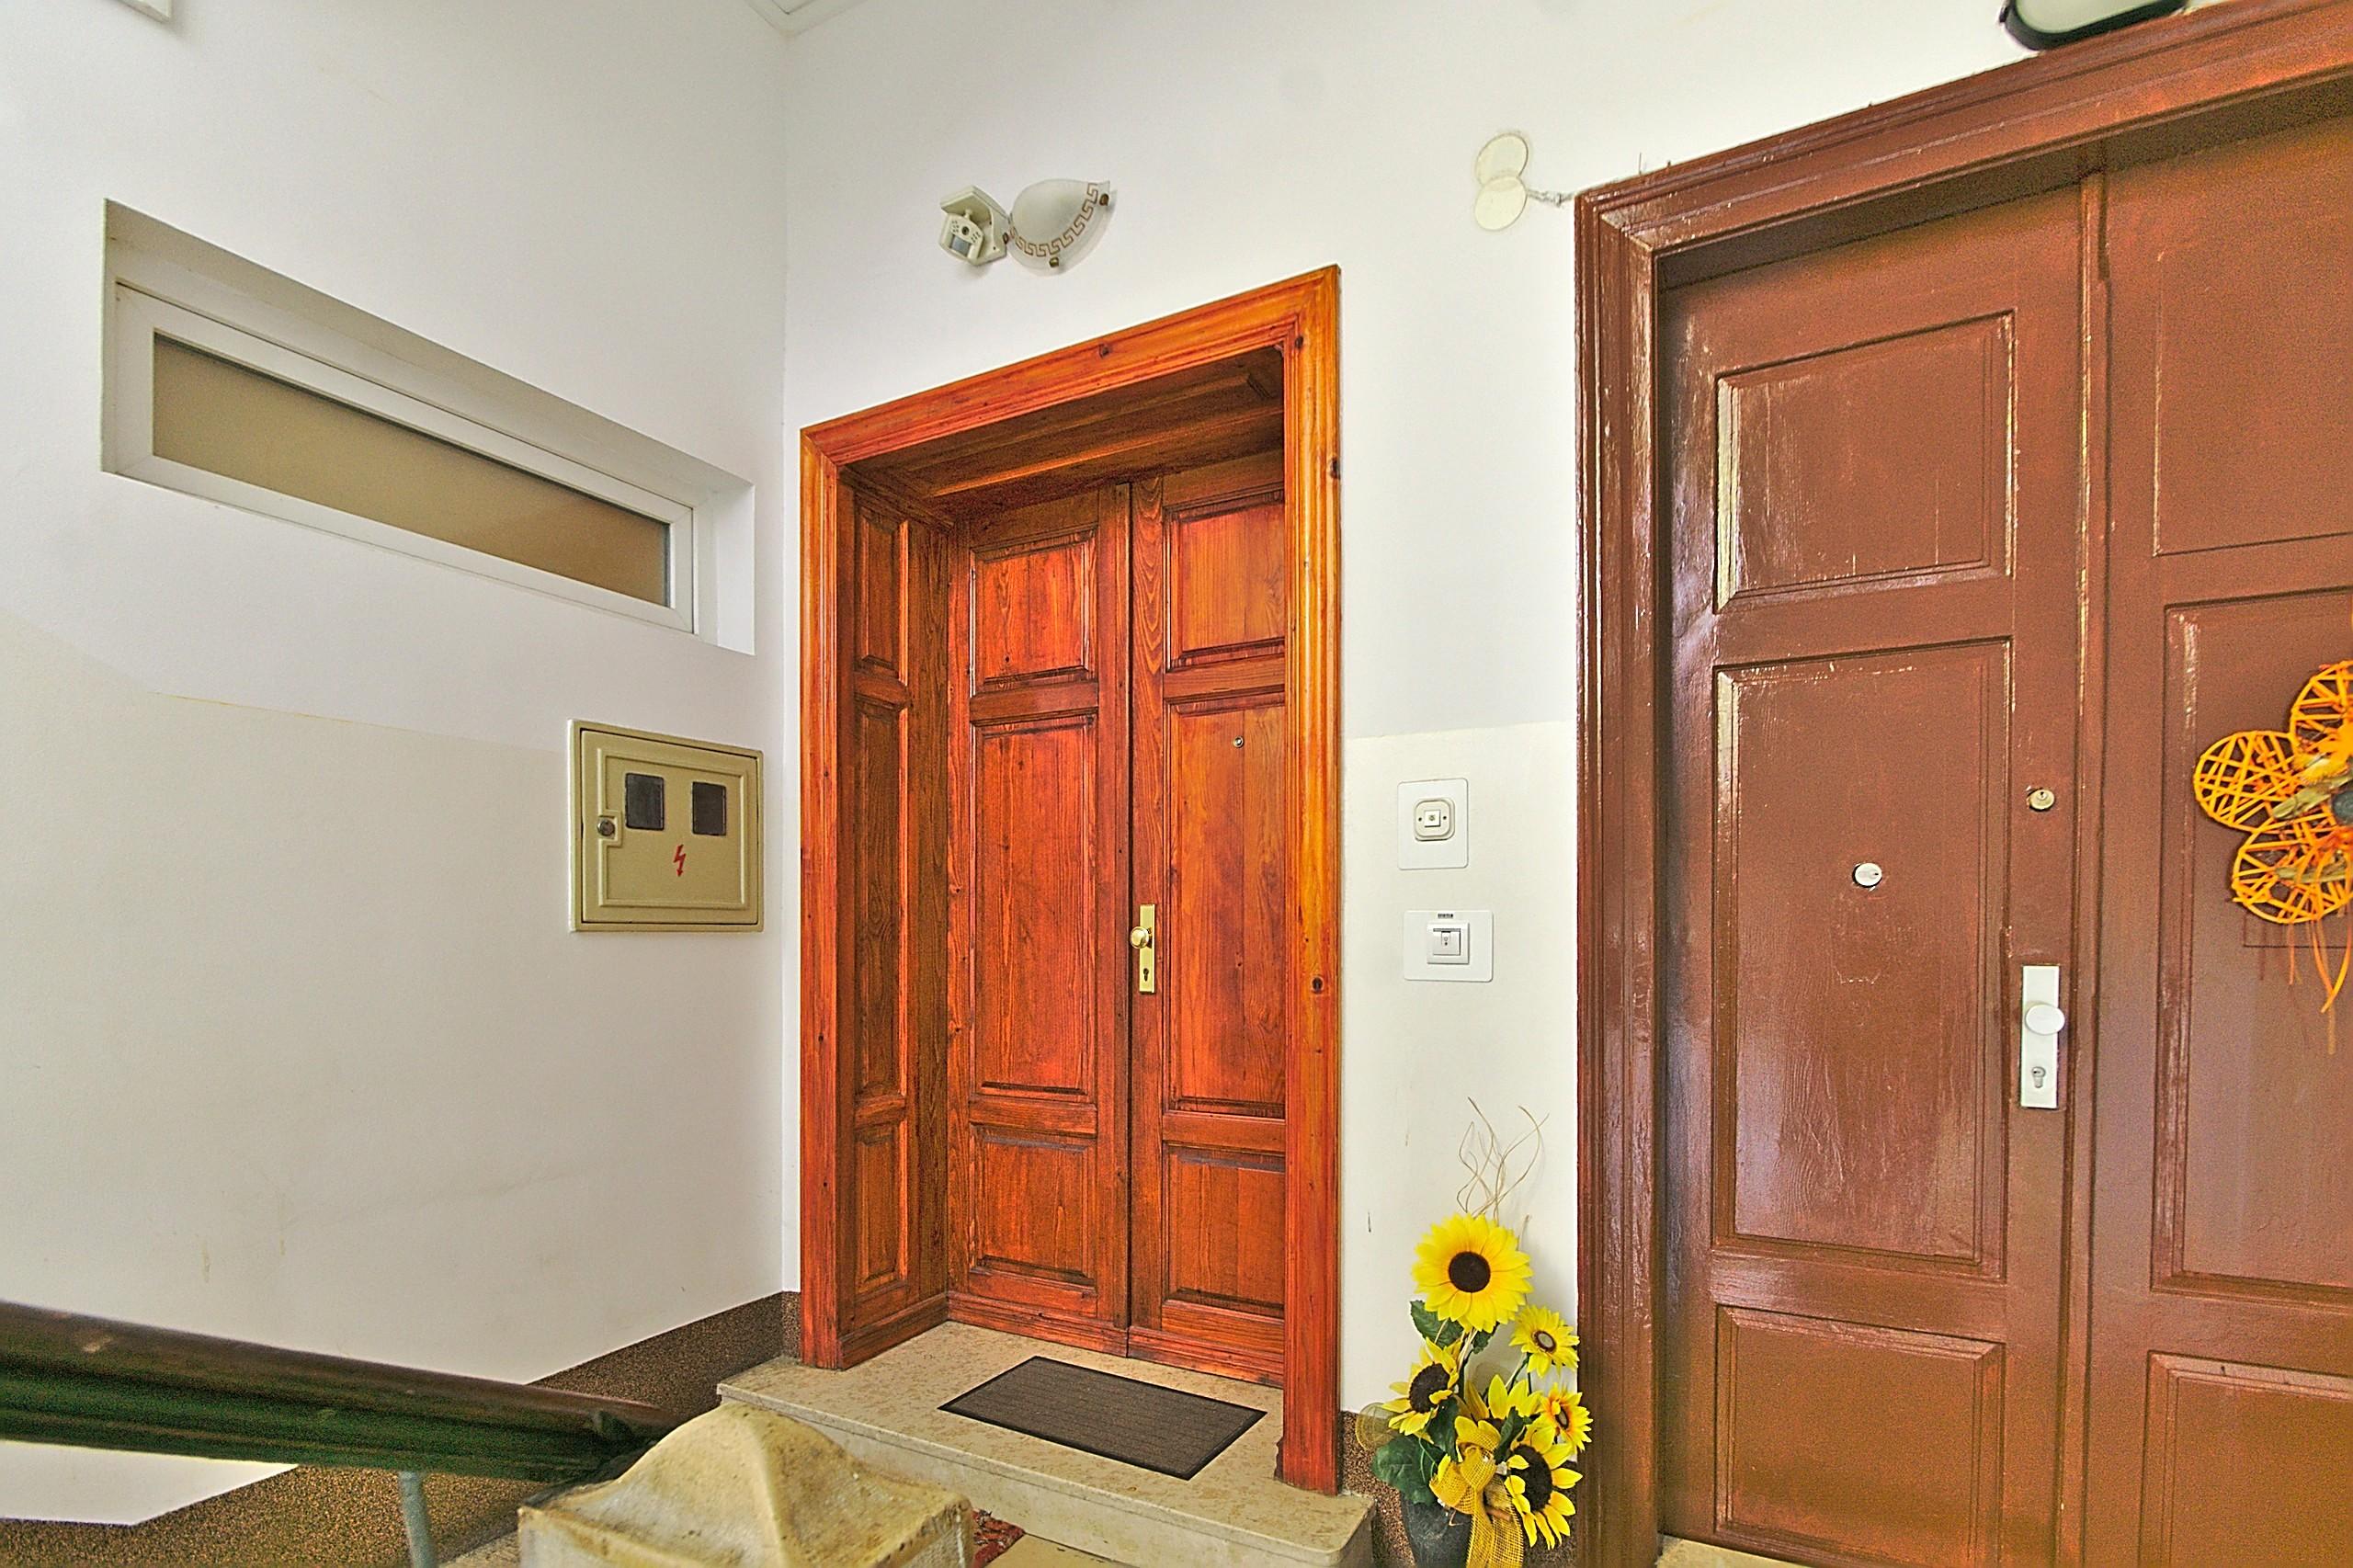 Dom i stil by Dogma: 188 m² čistog luksuza u samom srcu Rijeke